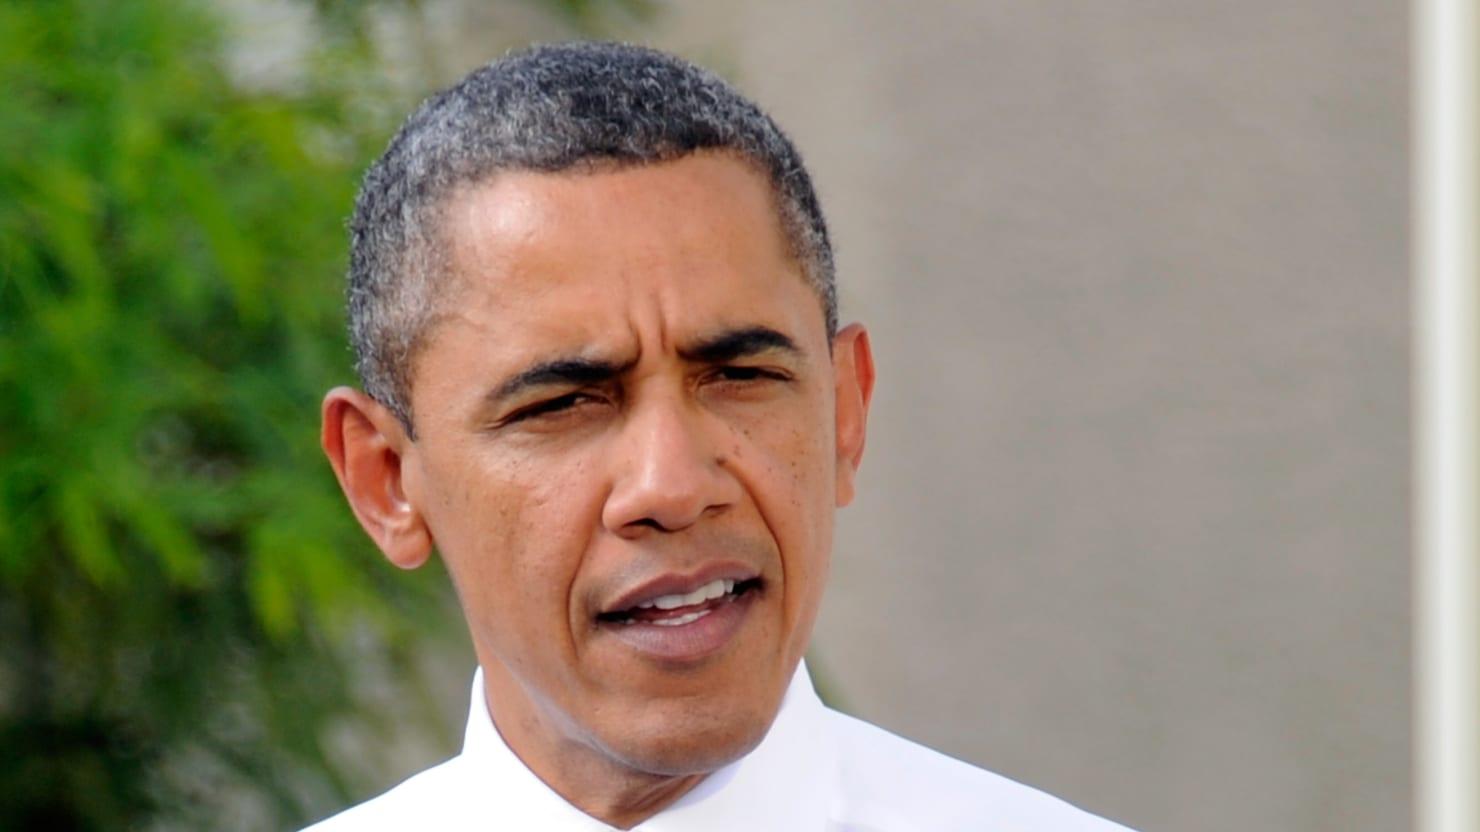 Obama and Gitmo